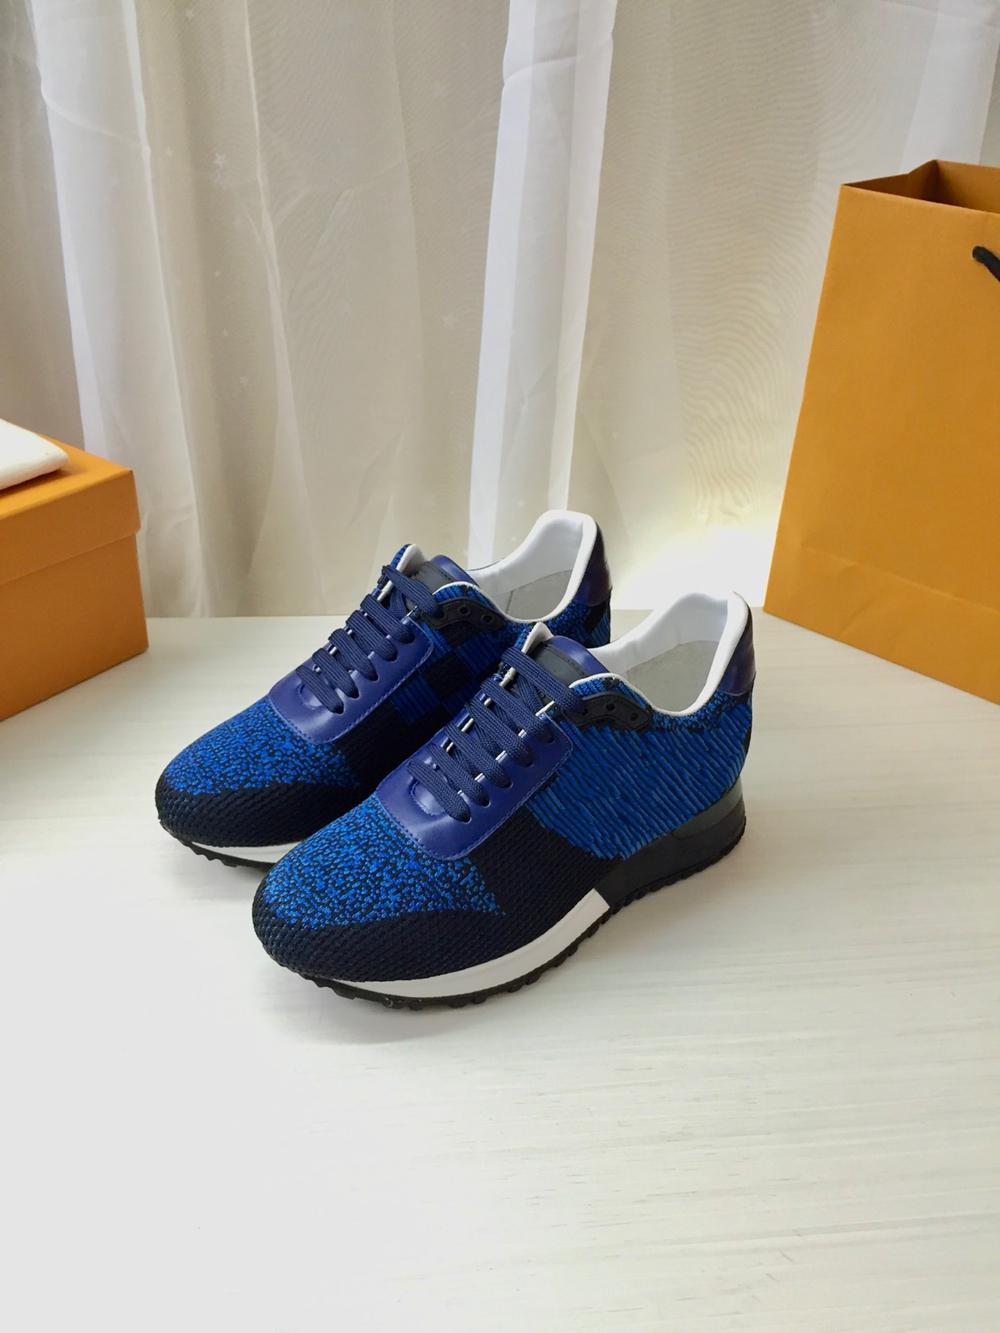 Mens Designer Shoes Blue Black Real